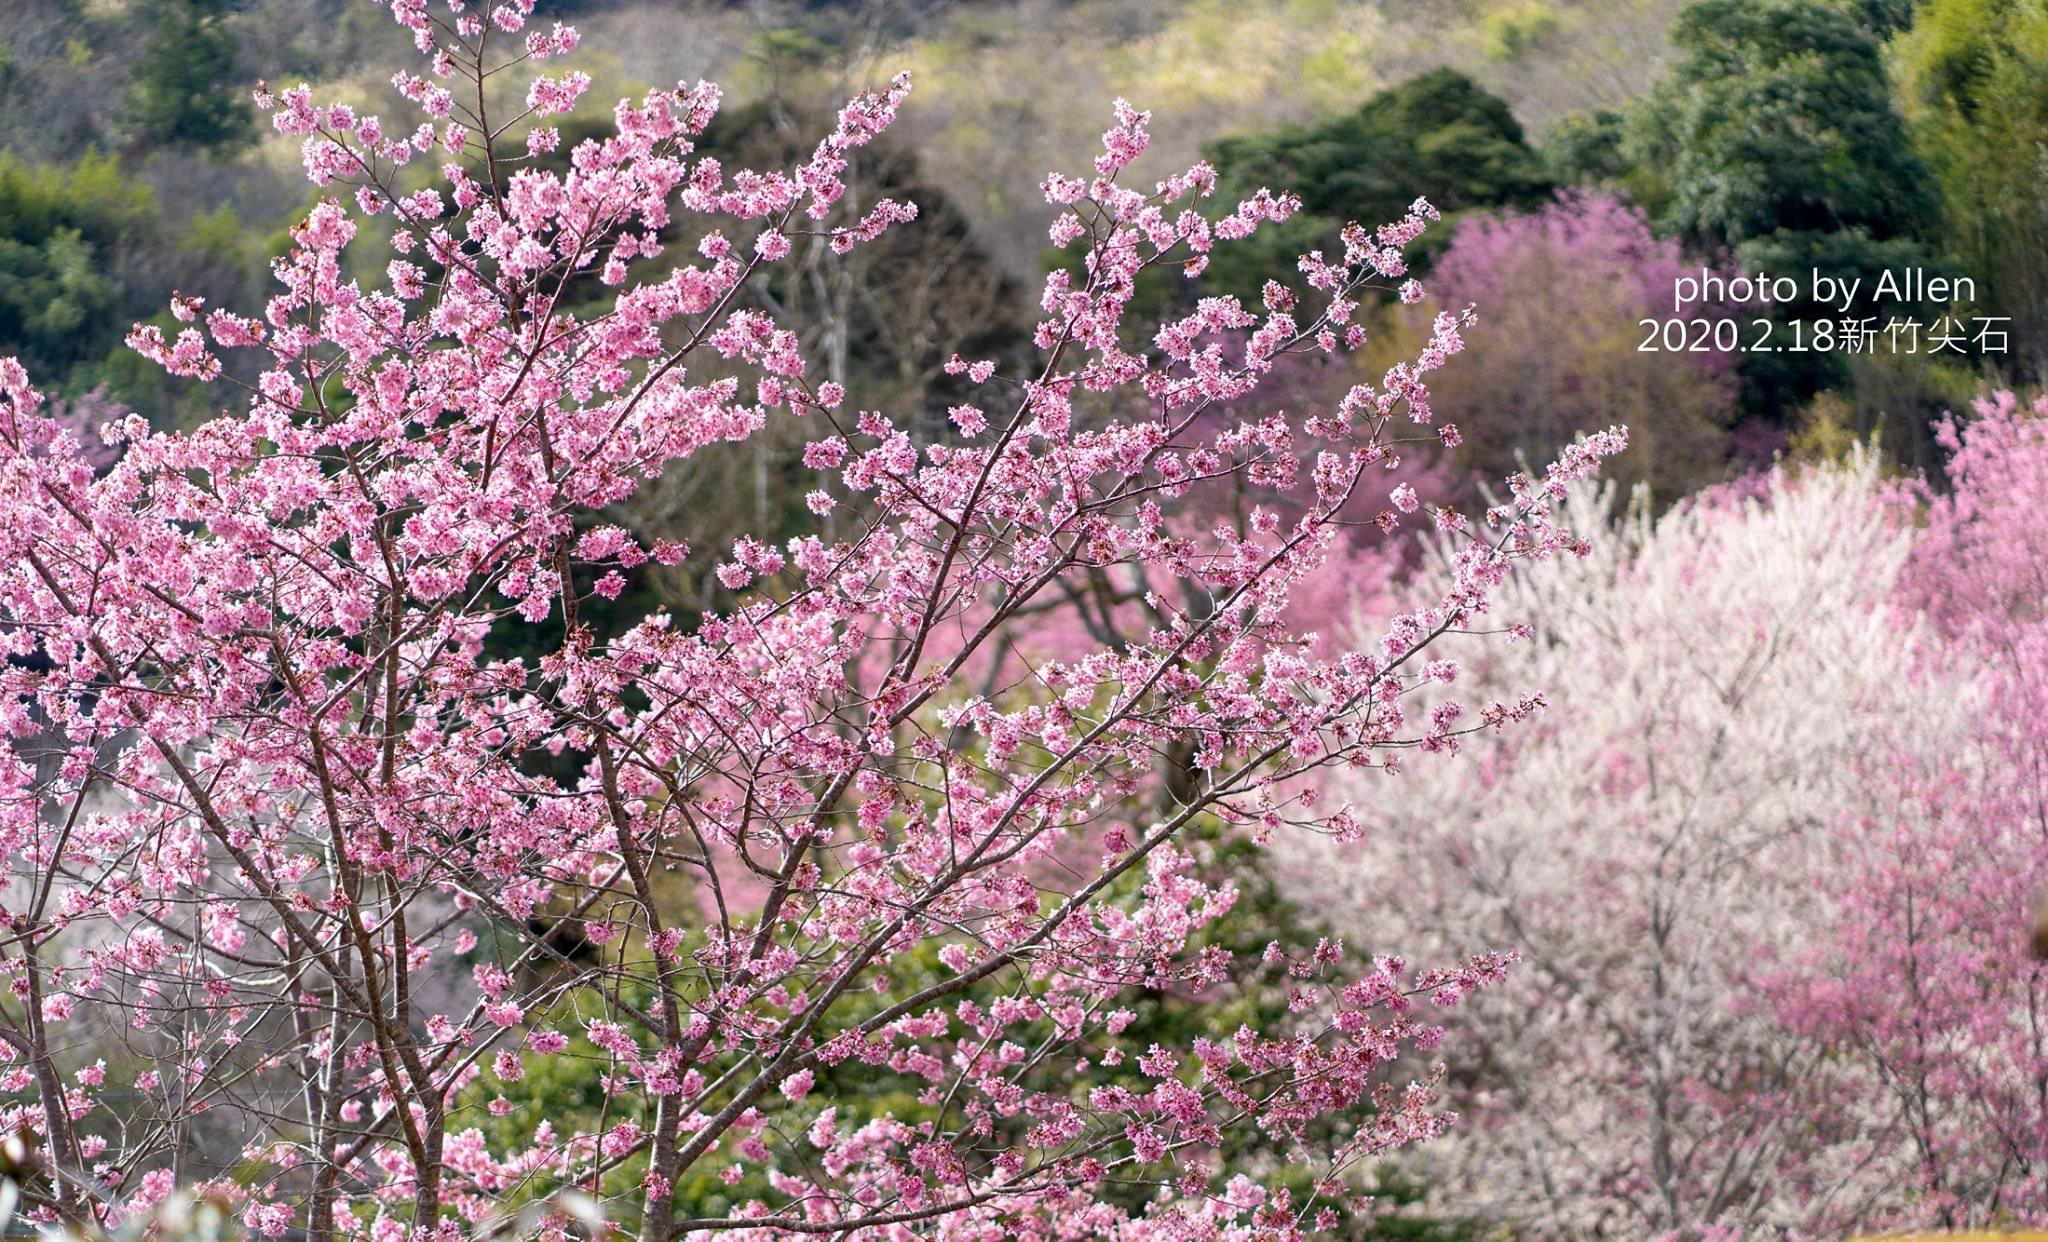 被稱為遠得要命的賞櫻秘境!新竹櫻花景點萬里山園,進入賞櫻期櫻花大爆發中,錯過再等明年